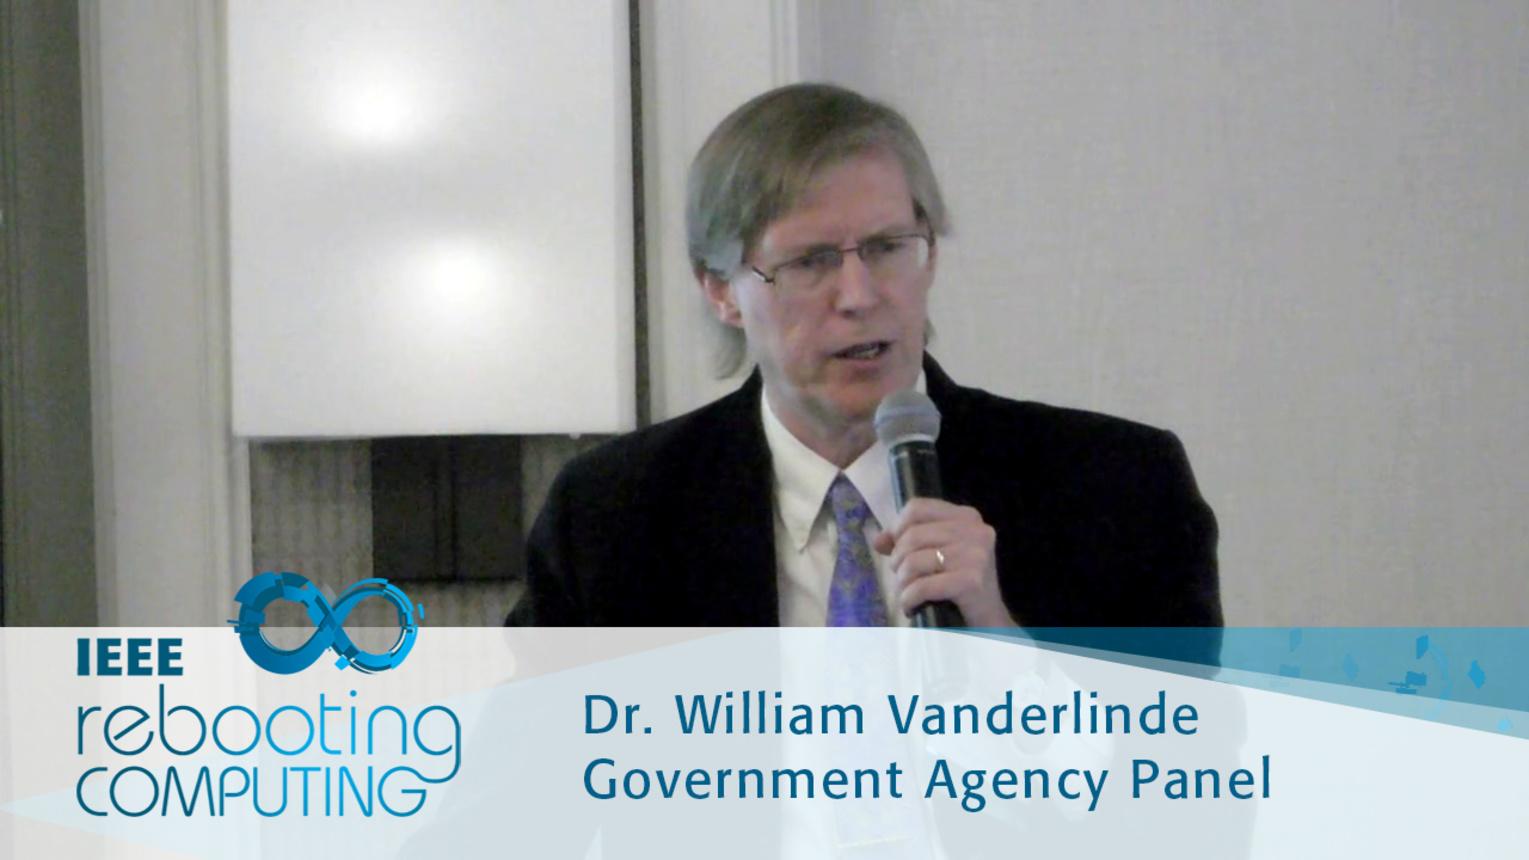 Computing Beyond Moore's Law - William Vanderlinde: 2016 International Conference on Rebooting Computing